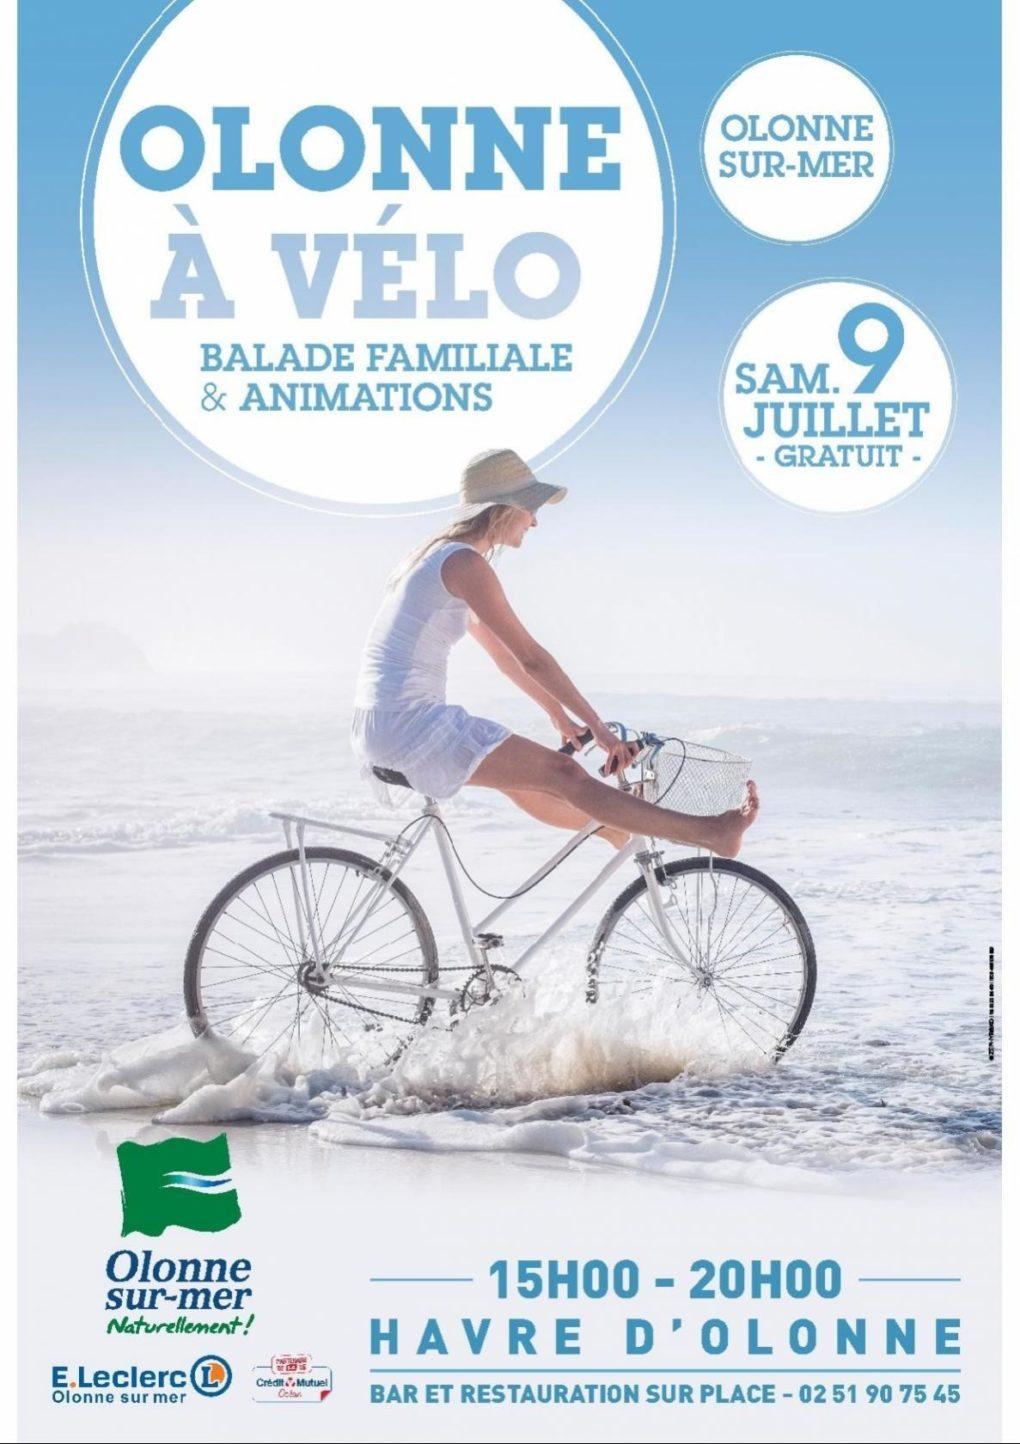 Journée Olonne à vélo et soirée festive Olonne-sur-Mer